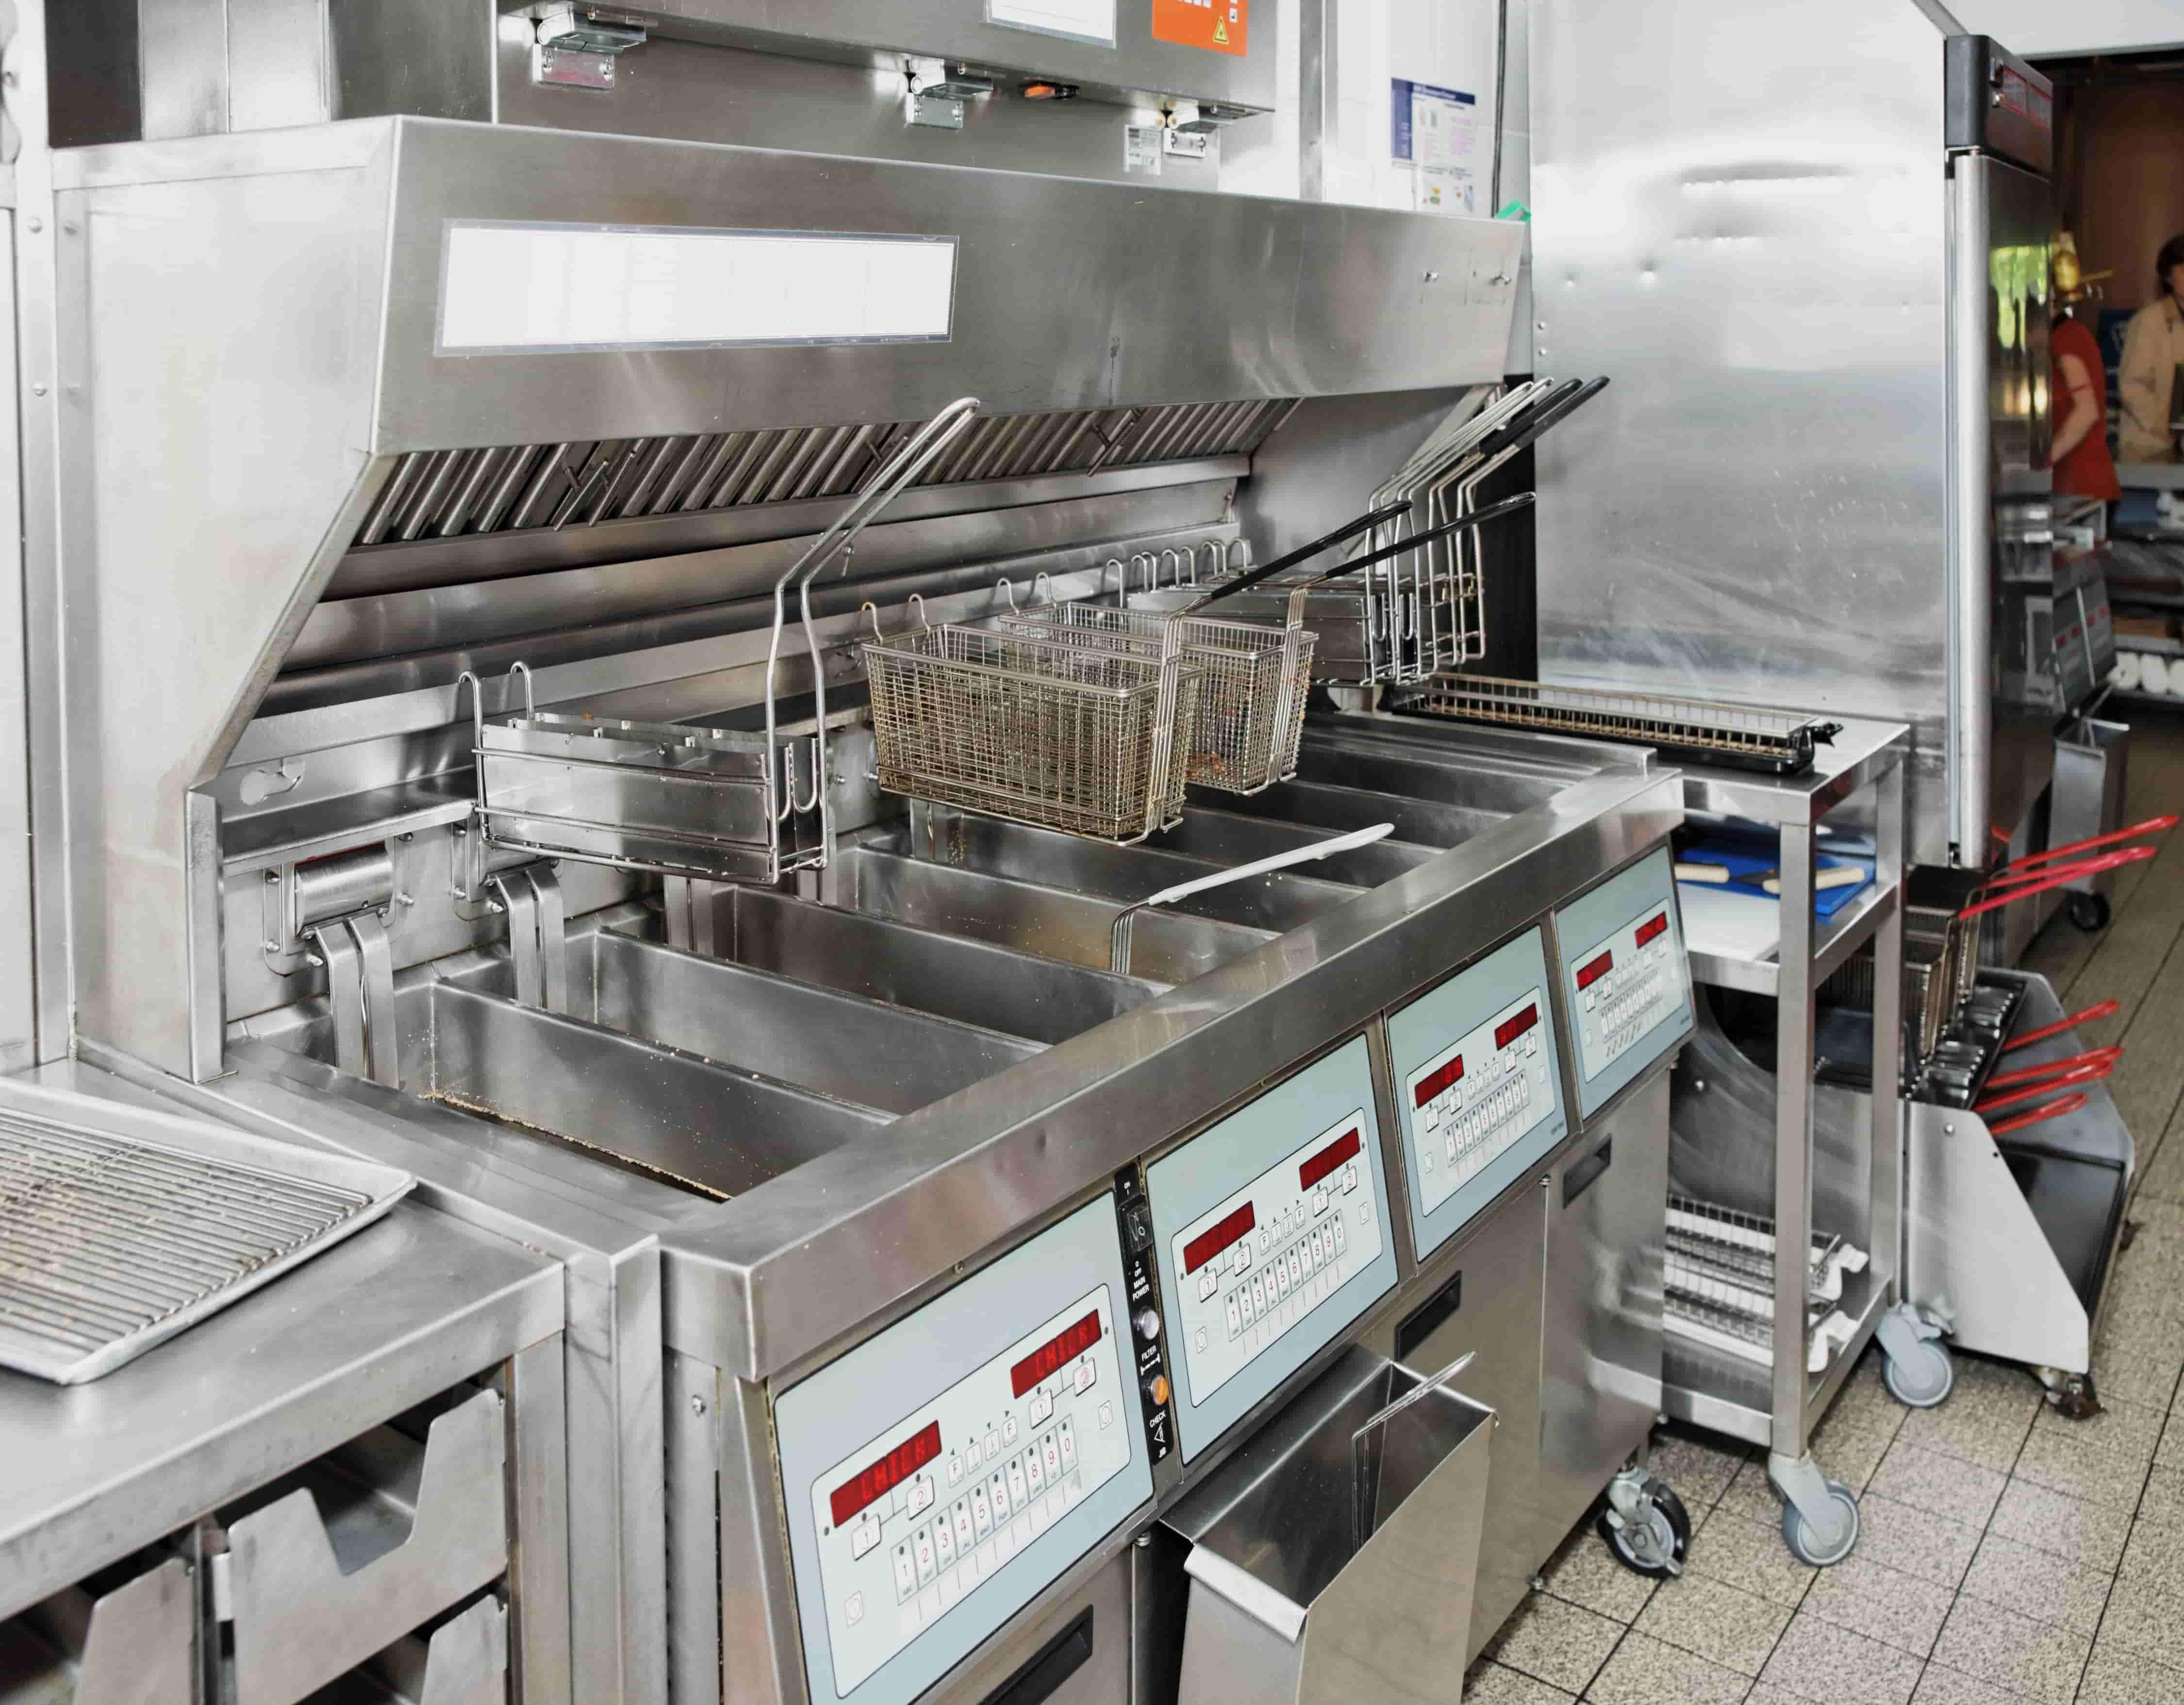 Quick service restaurant fryer